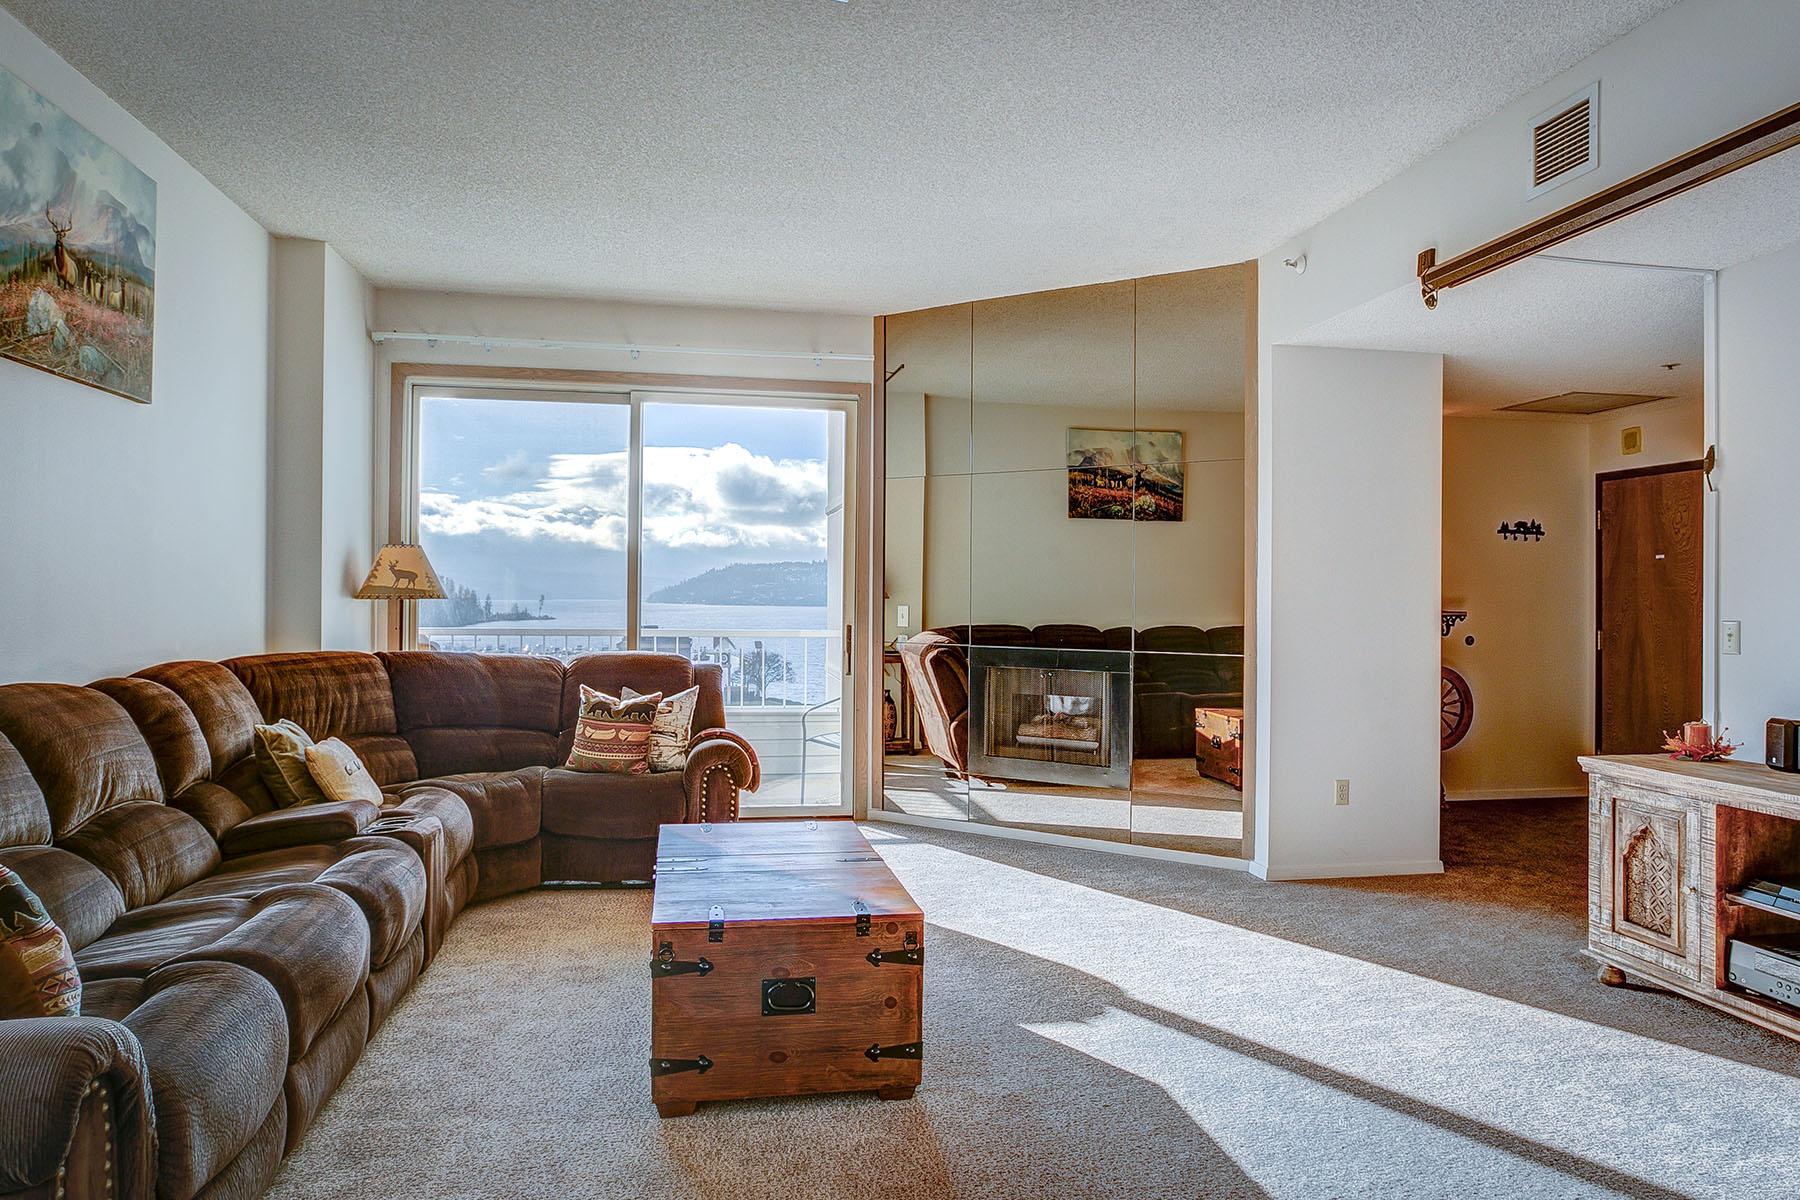 Condominium for Sale at Coeur d'Alene North condos 301 N 1st St #801 Coeur D Alene, Idaho 83814 United States